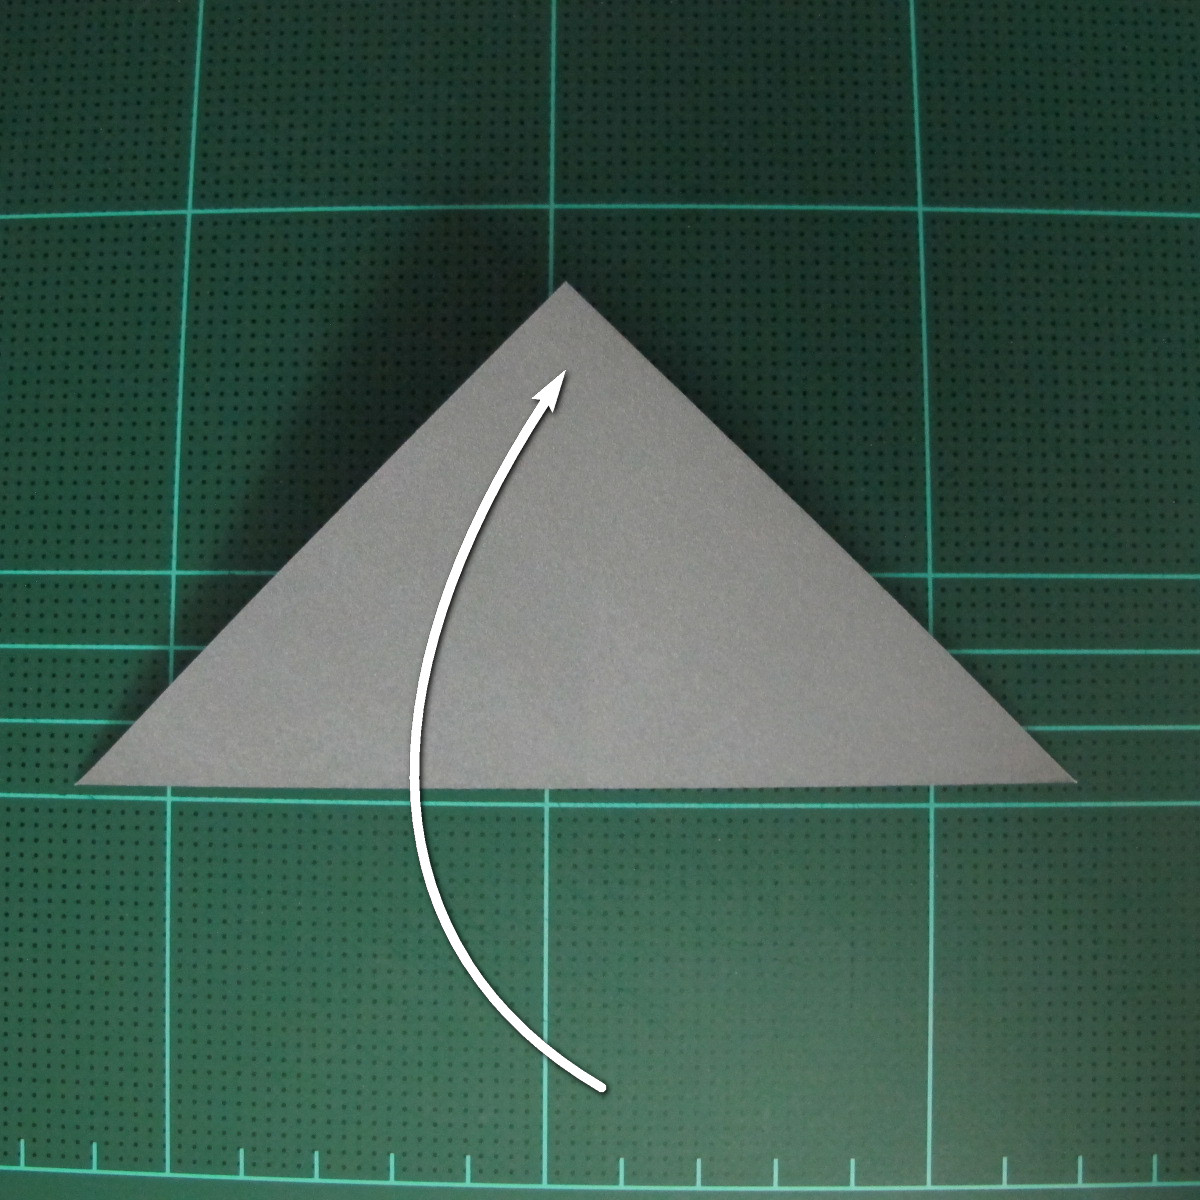 วิธีพับกระดาษเป็นรูปลูกสุนัข (แบบใช้กระดาษสองแผ่น) (Origami Dog) 004